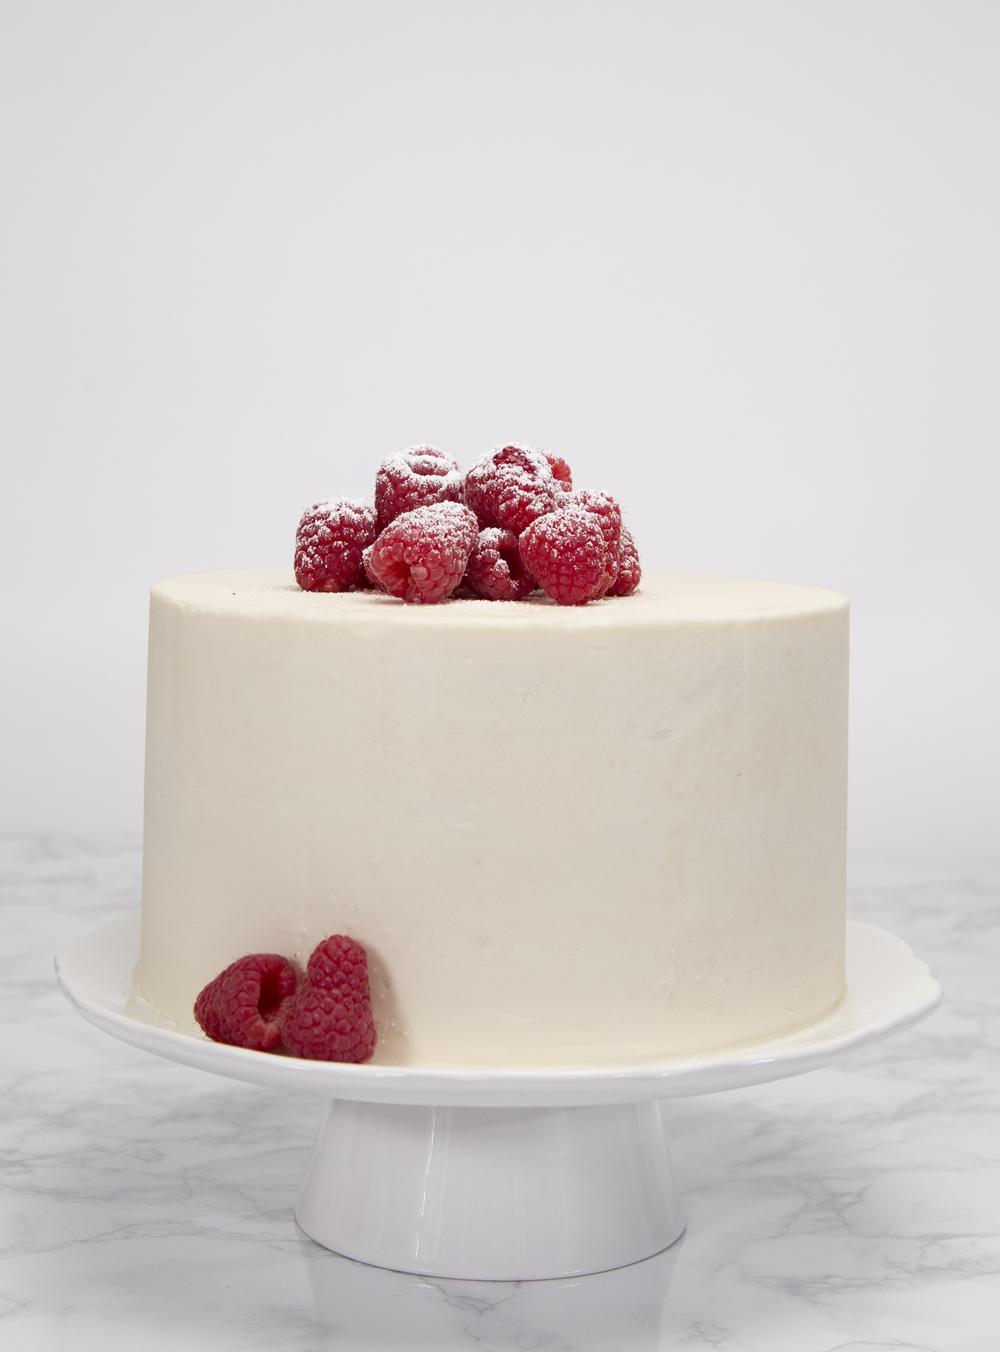 raspberrycake.jpg